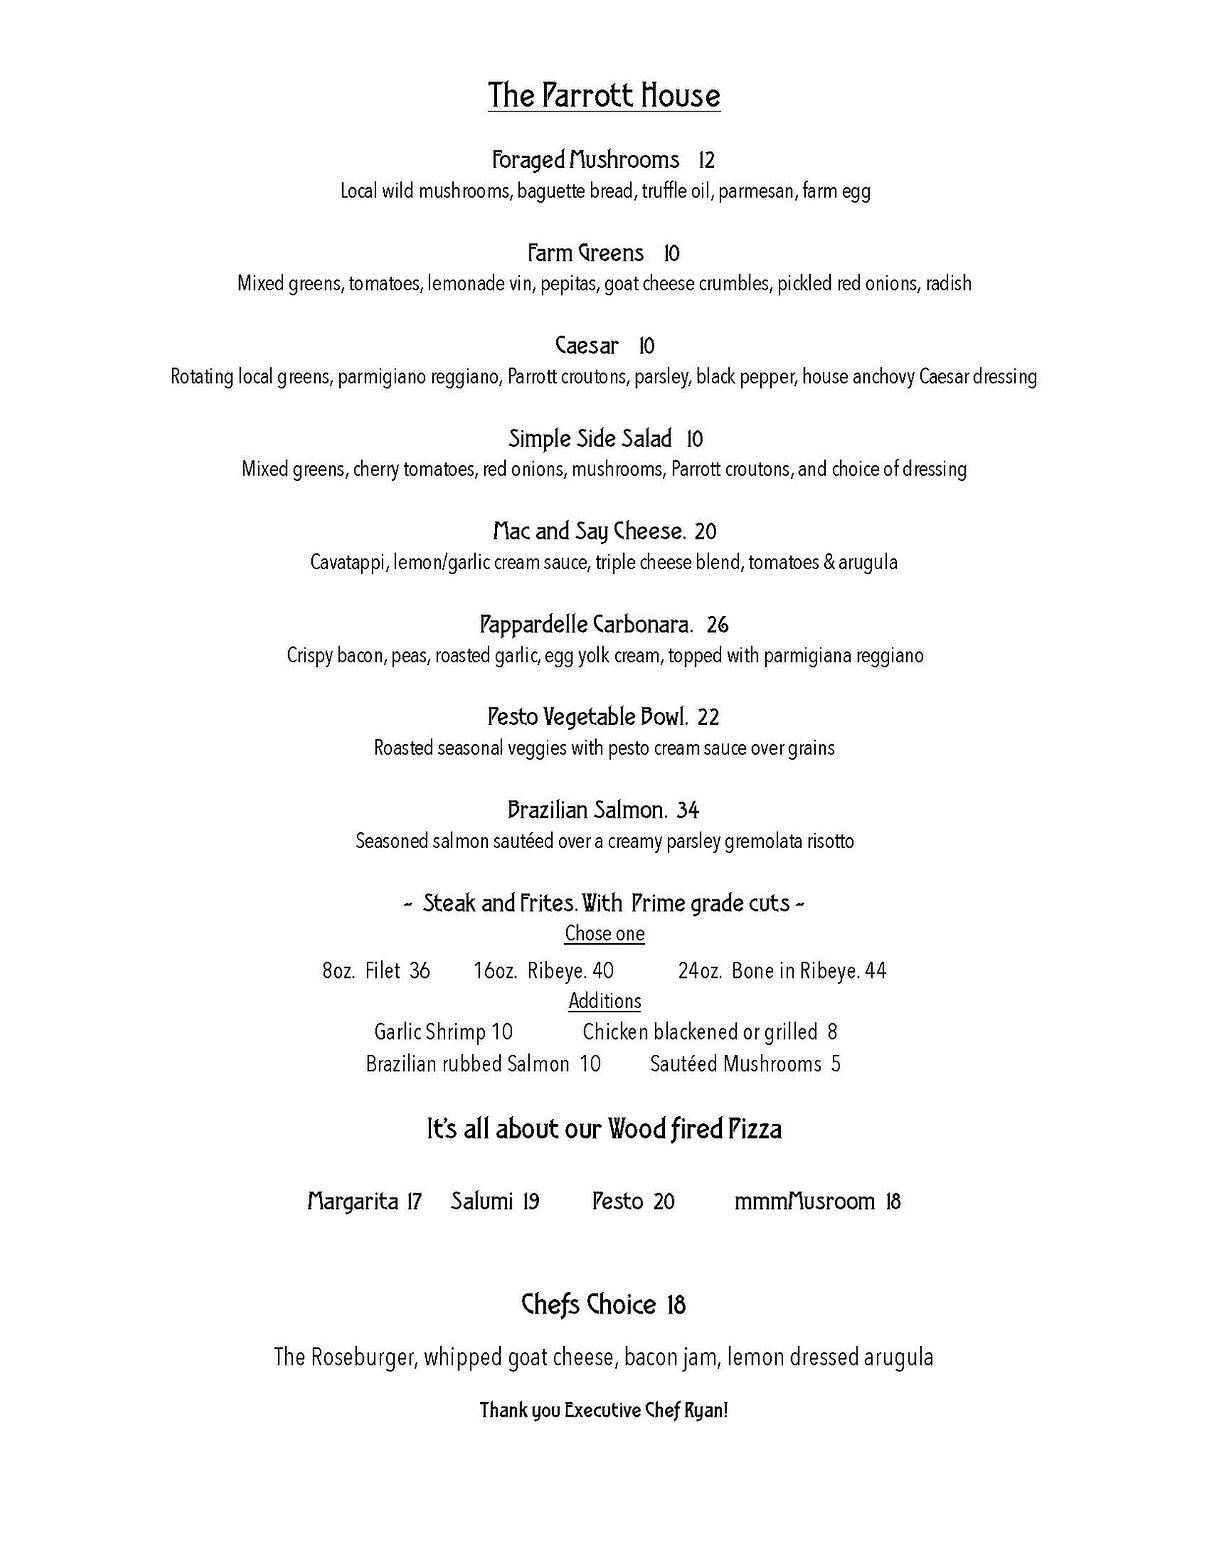 new covid take out menu 12-10-20_Page_1.